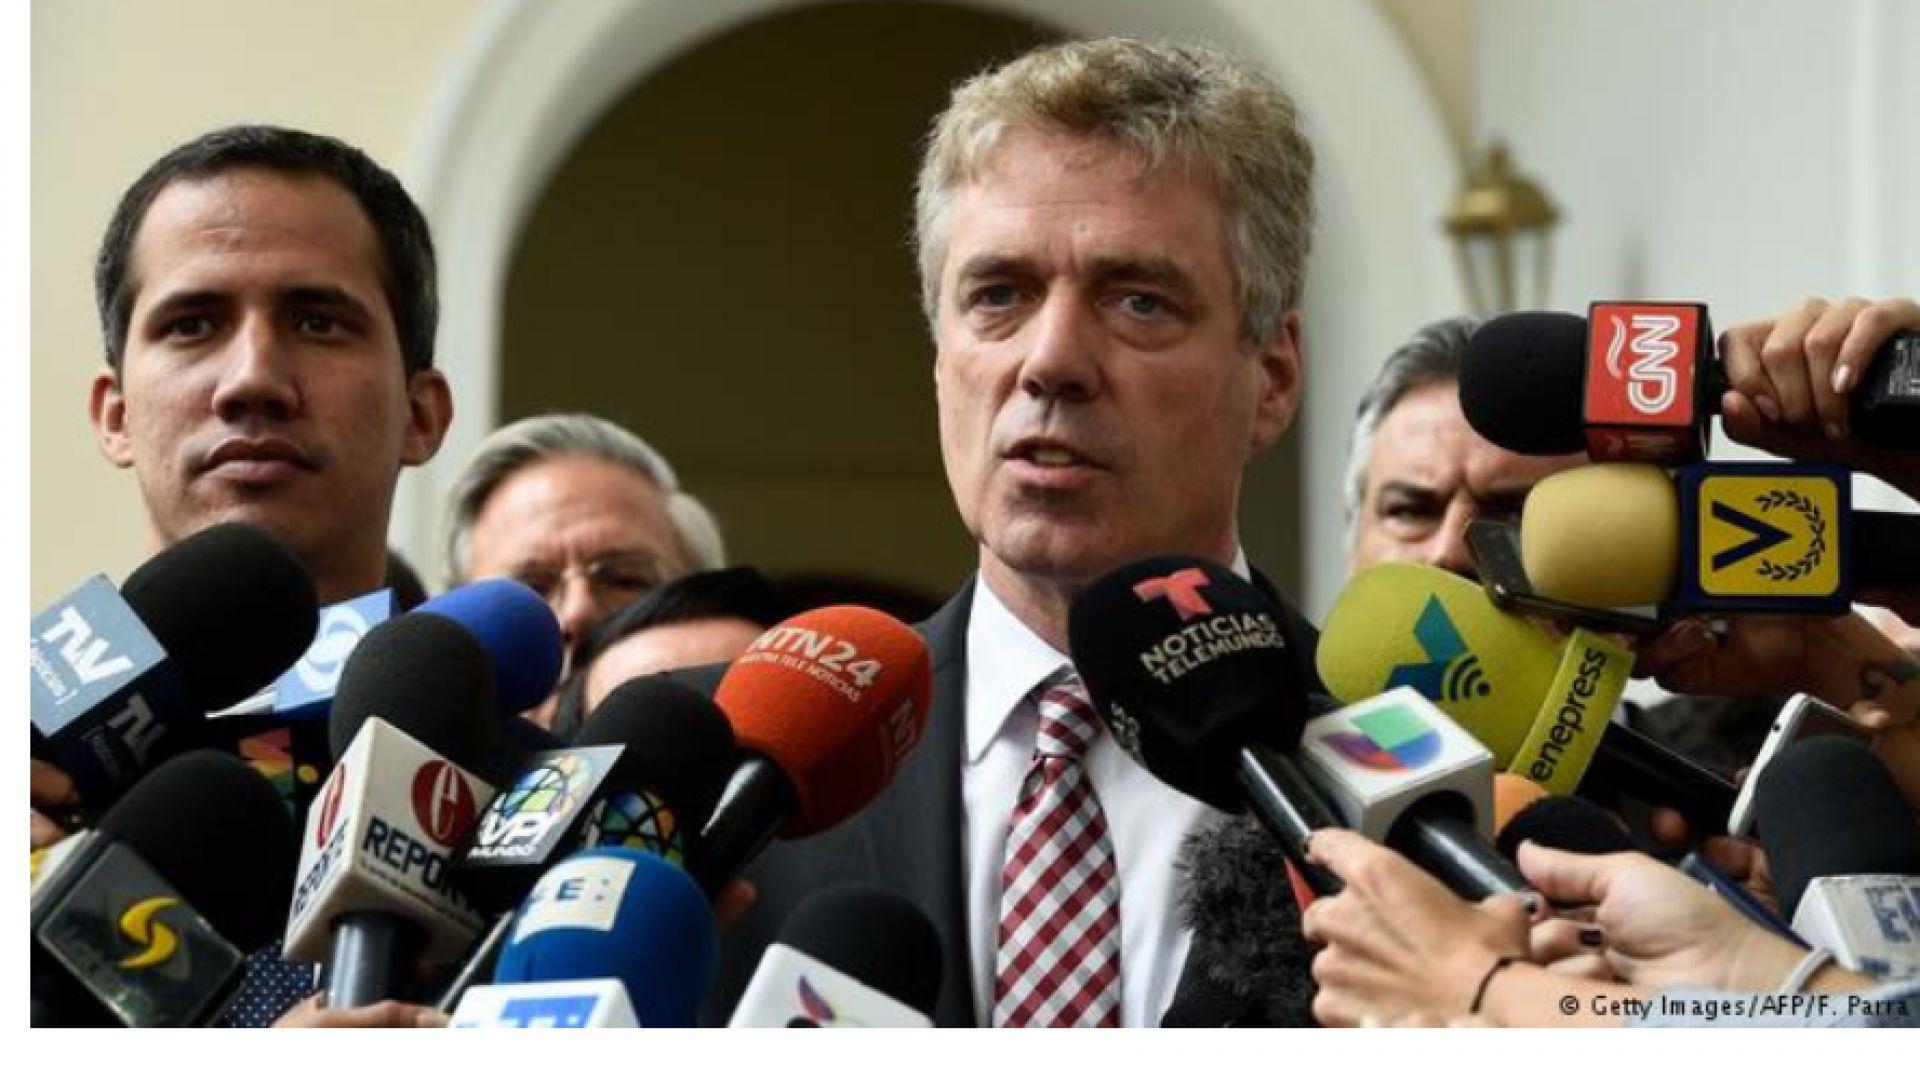 Посланикът на Германия във Венецуела бе обявен за персона нон грата